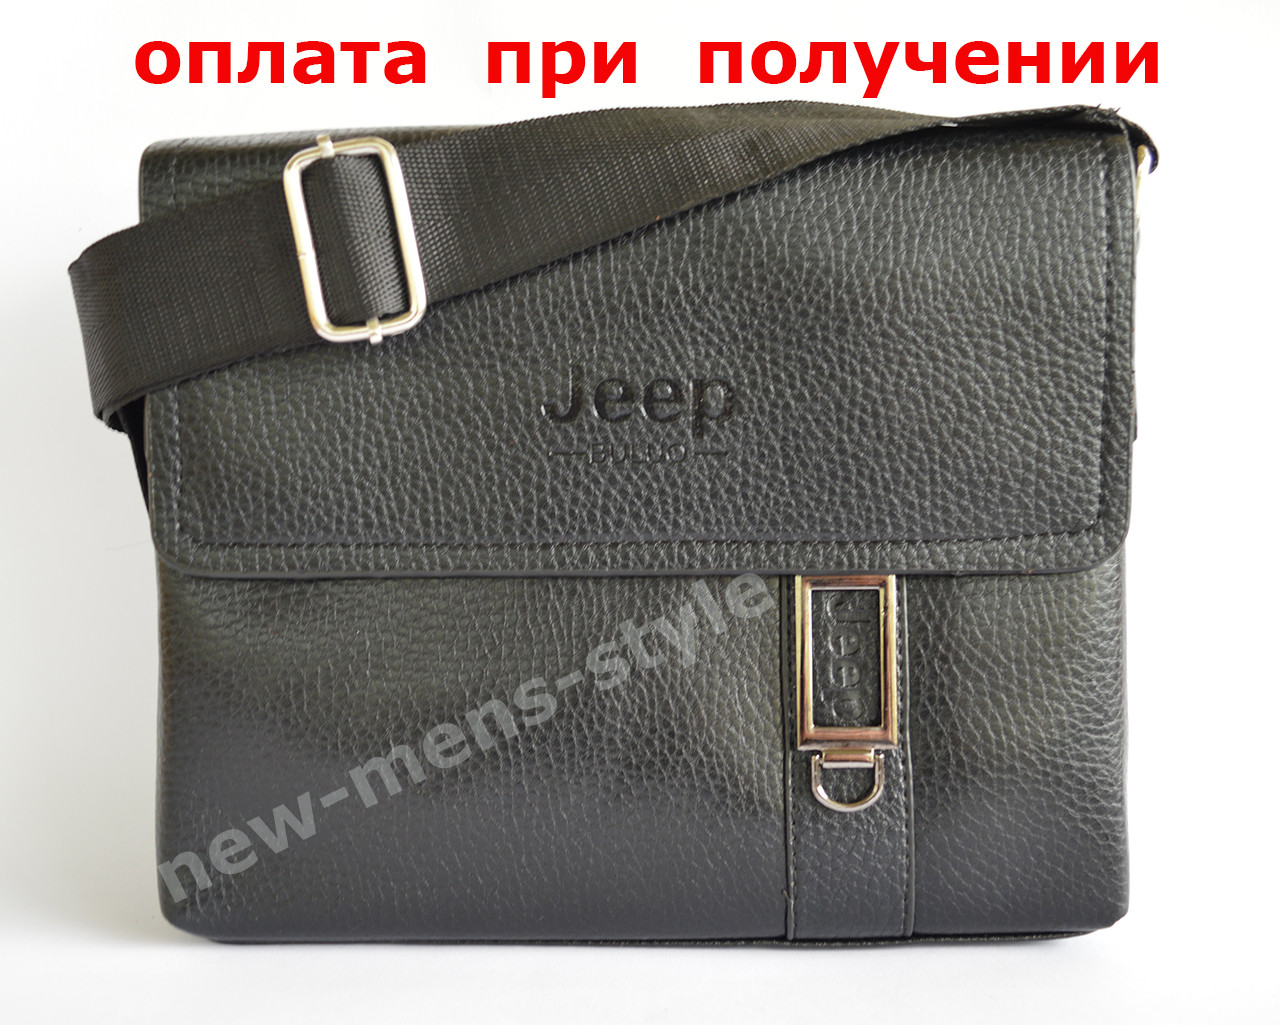 d4fc23e7a8c1 Купить сейчас - Мужская кожаная фирменная сумка барсетка Jeep Polo ...